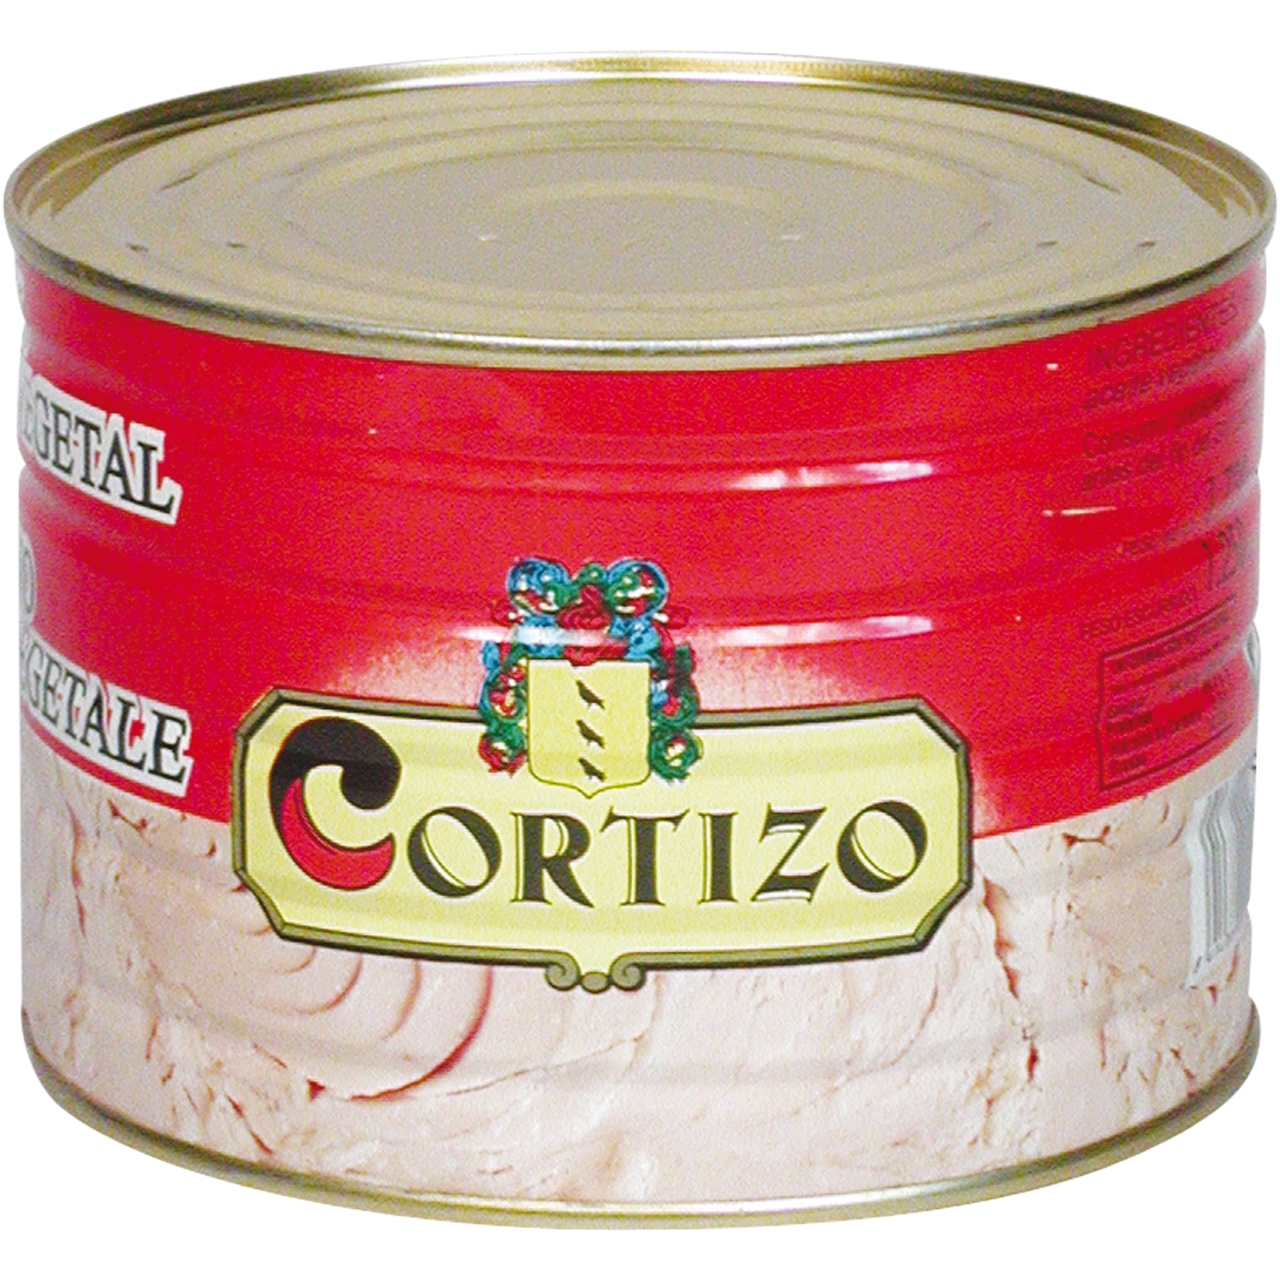 Atún rallado en aceite vegetal RO-1730 Cortizo